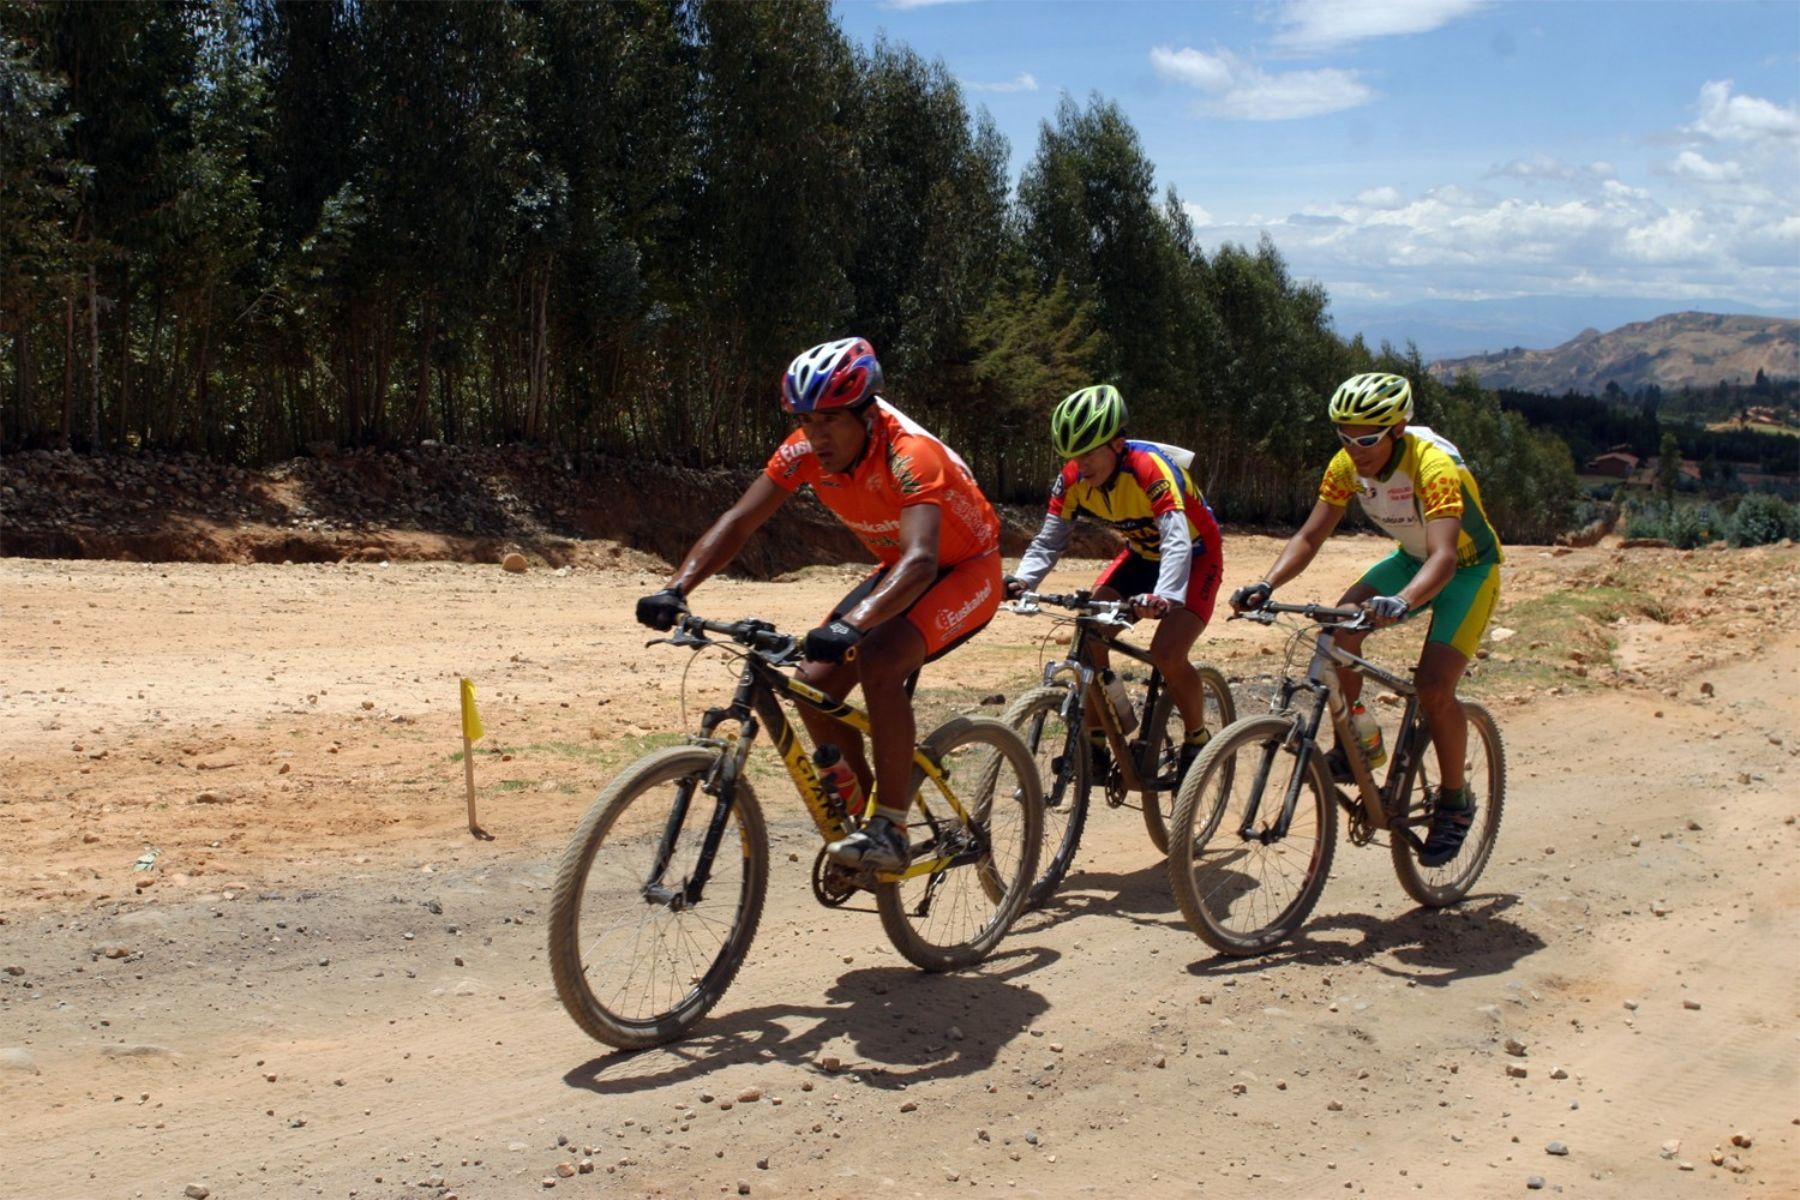 Día Mundial del Turismo: 4.6 millones de viajeros interesados en visitar Perú por ciclismo de montaña. Foto: ANDINA/archivo.